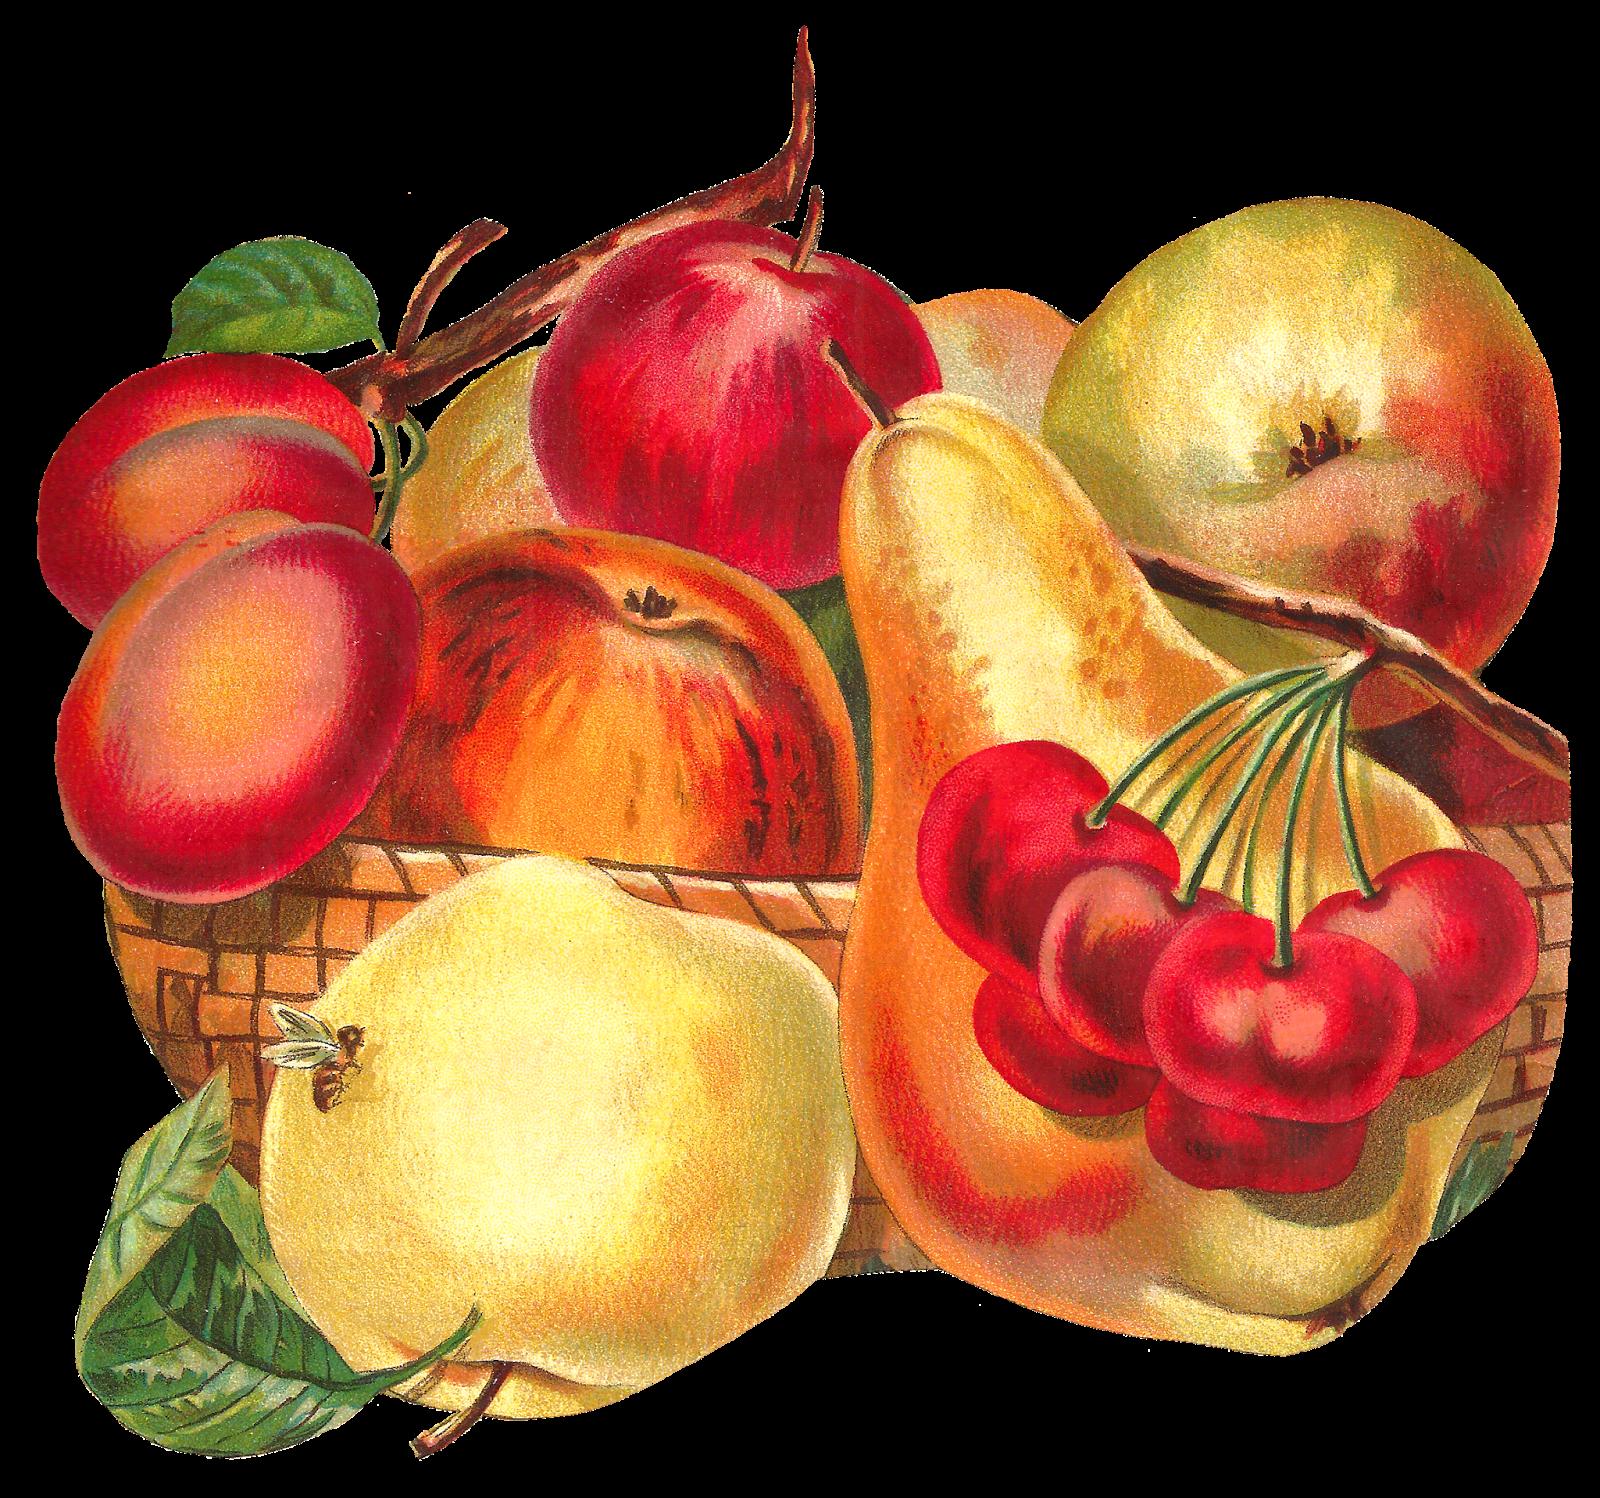 Apple and pear clipart image download Antique Images: Fruit Basket Botanical Artwork Digital Download ... image download